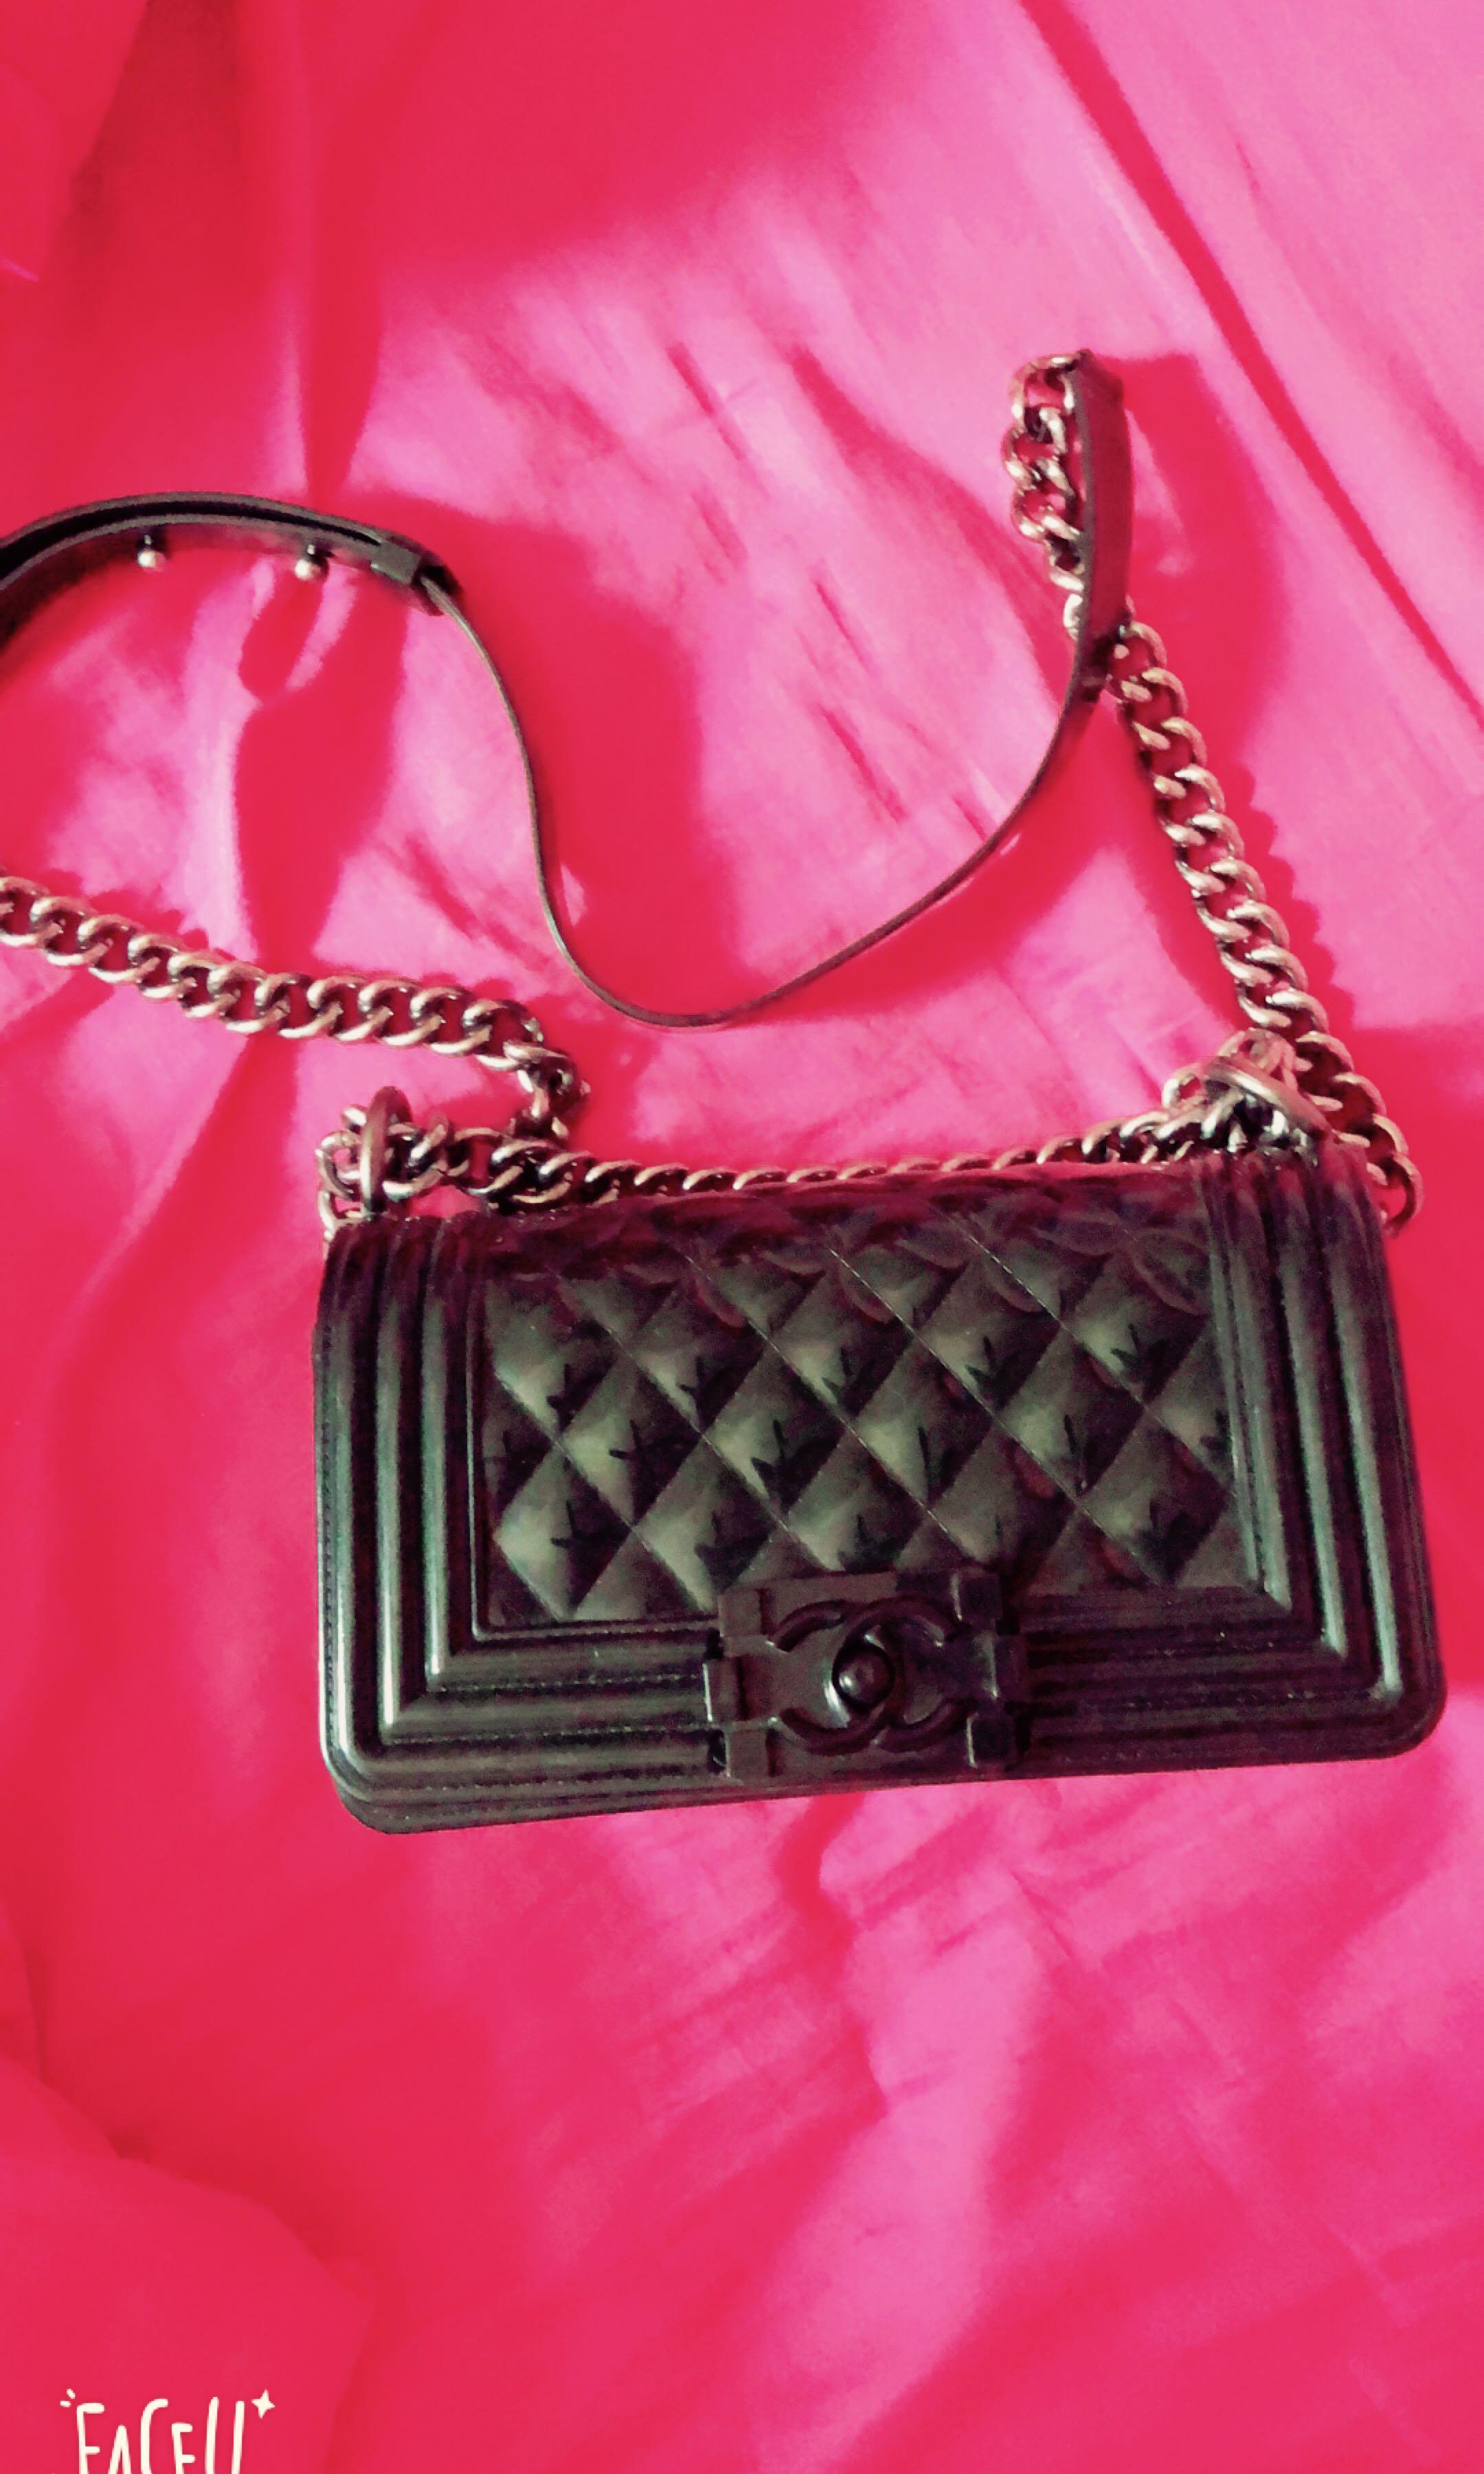 88a1e76939b1 Chanel Toyboy bag